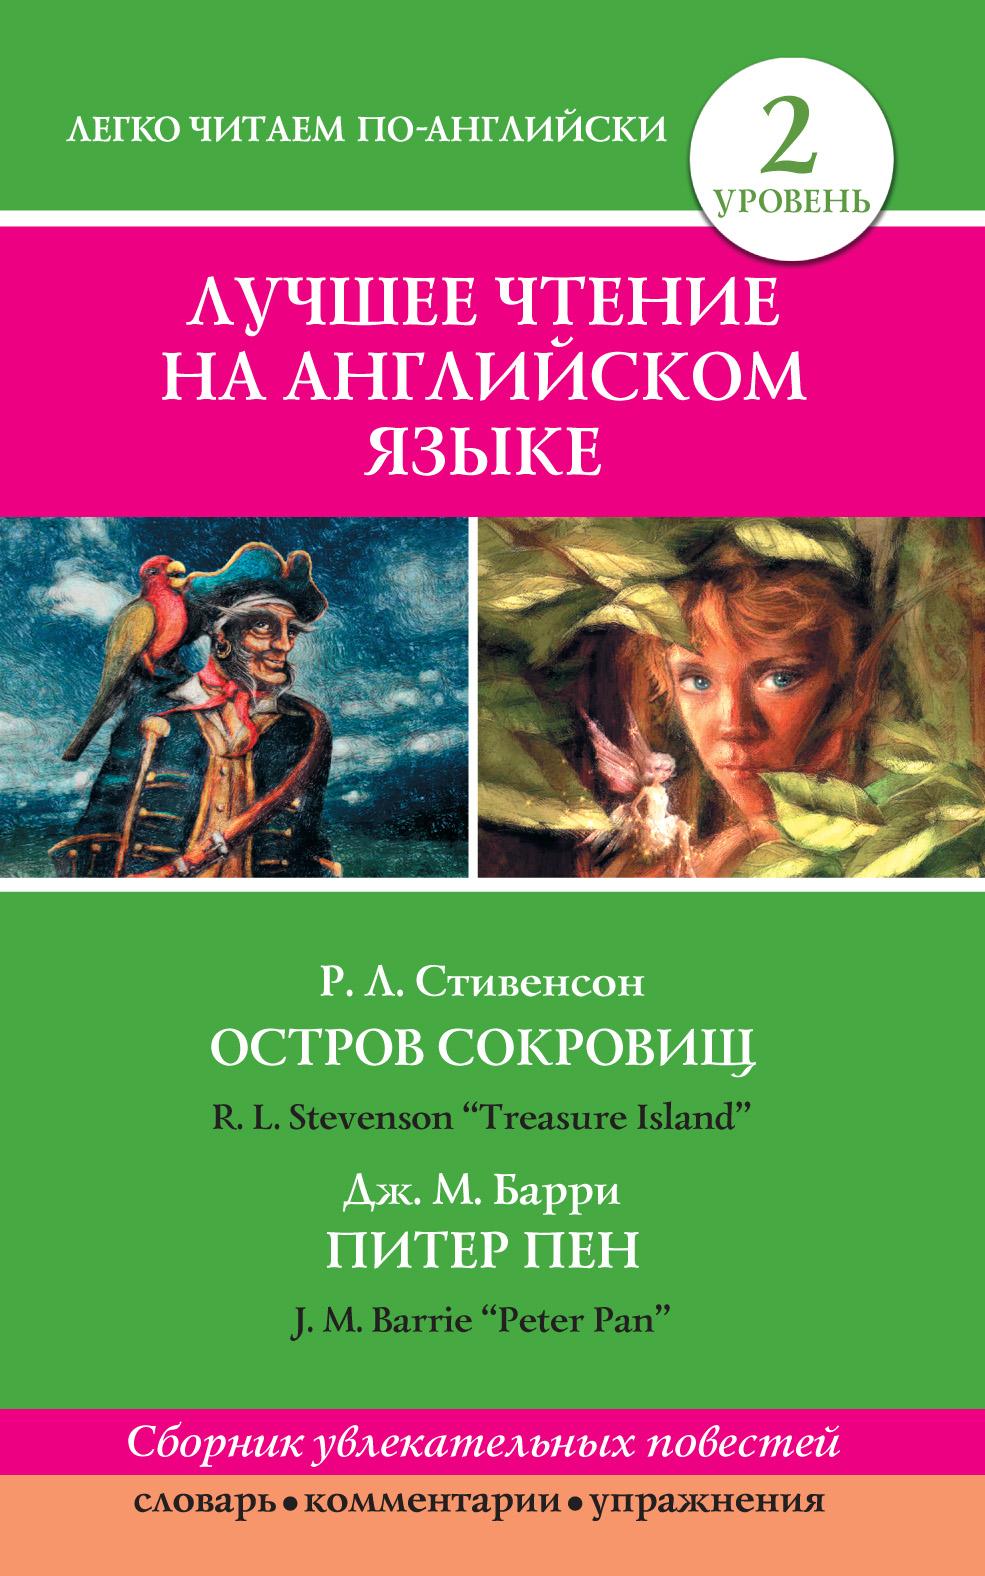 Роберт Льюис Стивенсон Остров сокровищ / Treasure Island. Питер Пен / Peter Pan теплый м остров сердце повесть